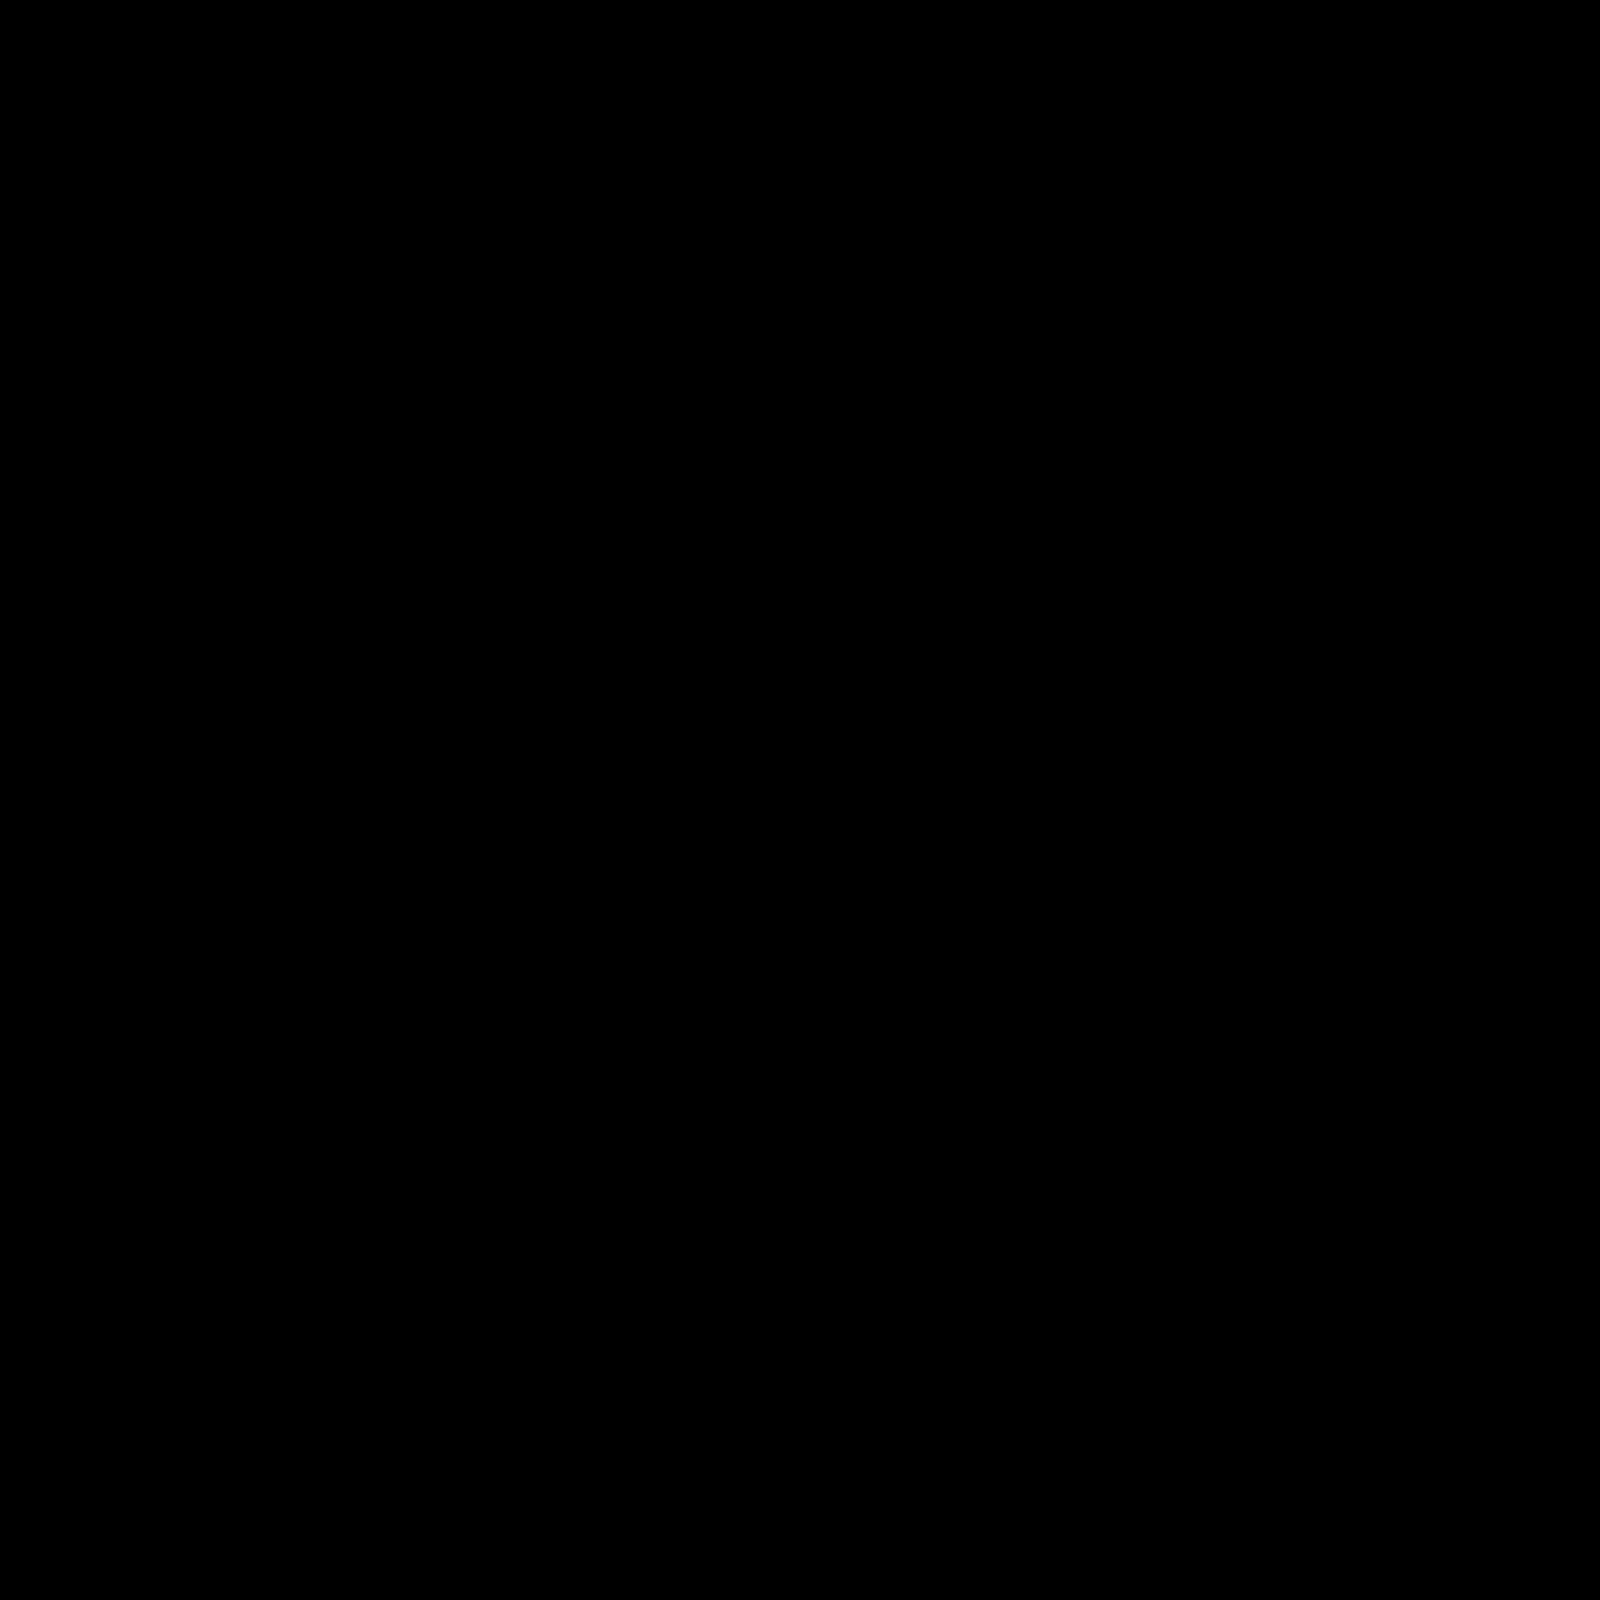 新建联系人 icon